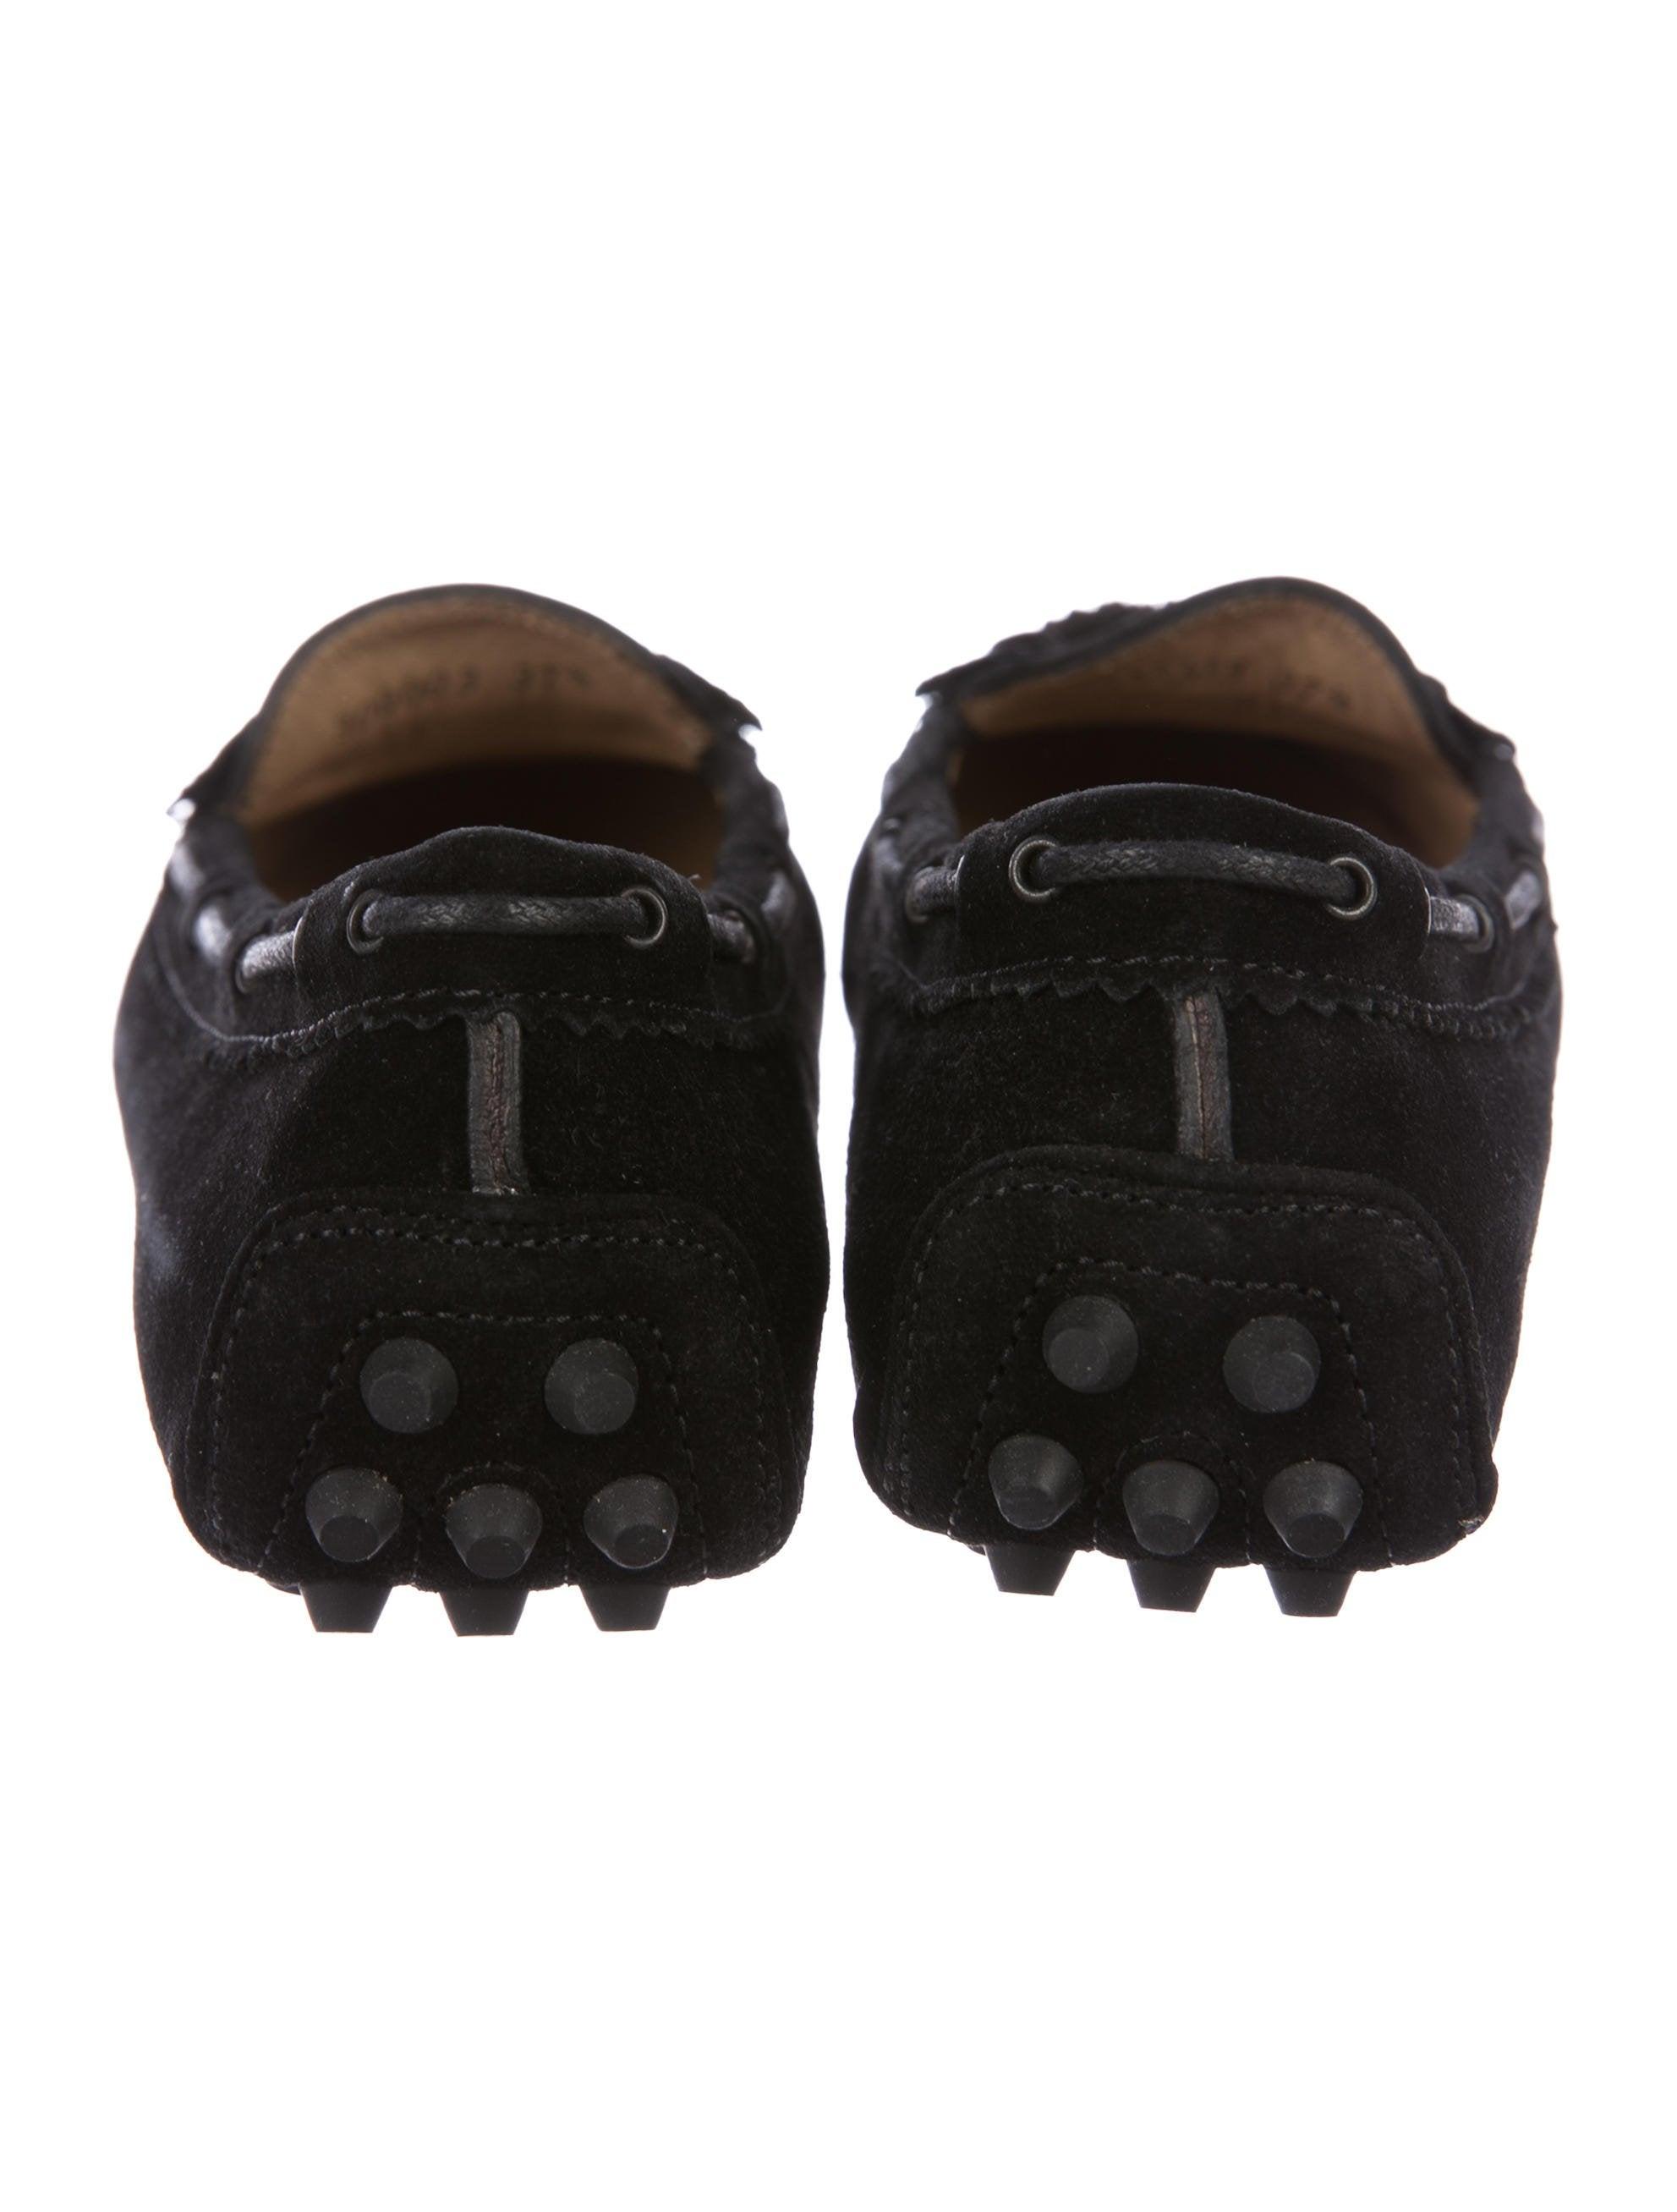 buy cheap fashion Style sale enjoy Balenciaga Tassel Driving Loafers w/ Tags eQhCKE